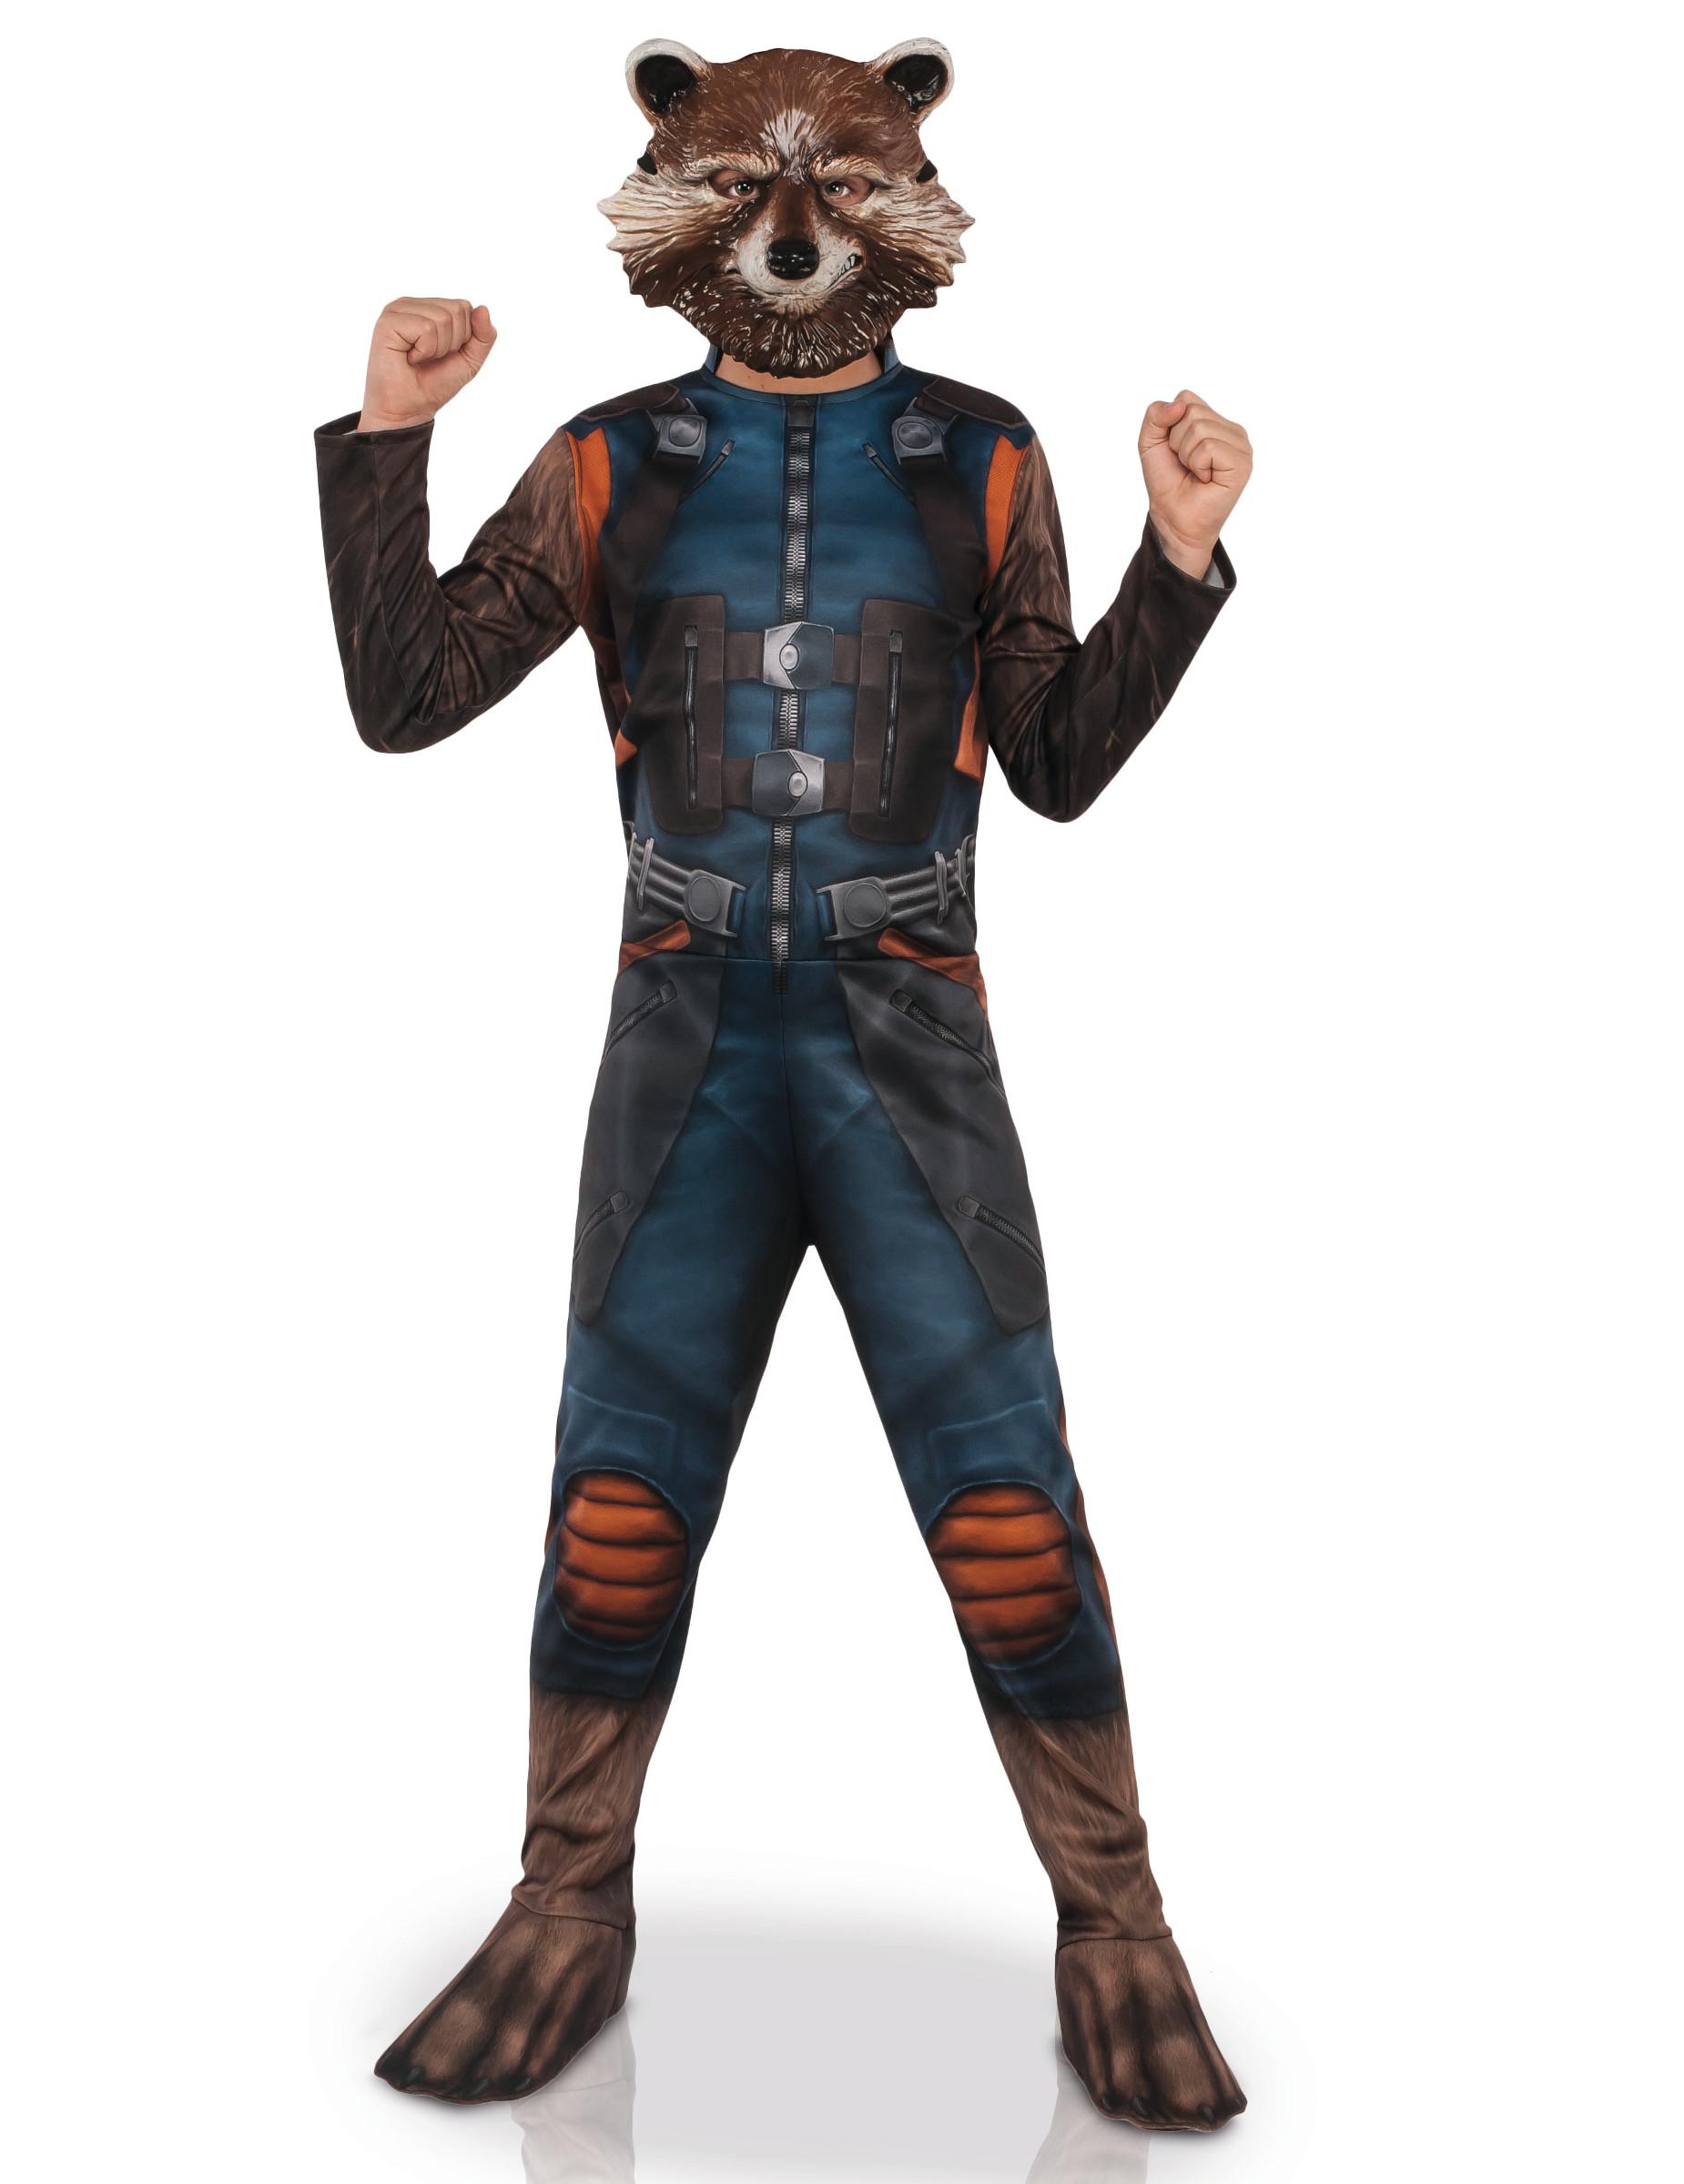 Rocket Gardien De La Galaxie : rocket, gardien, galaxie, Déguisement, Classique, Masque, Rocket, Raccoon™, Enfant,, Décoration, Anniversaire, Fêtes, Thème, Vegaoo, Party